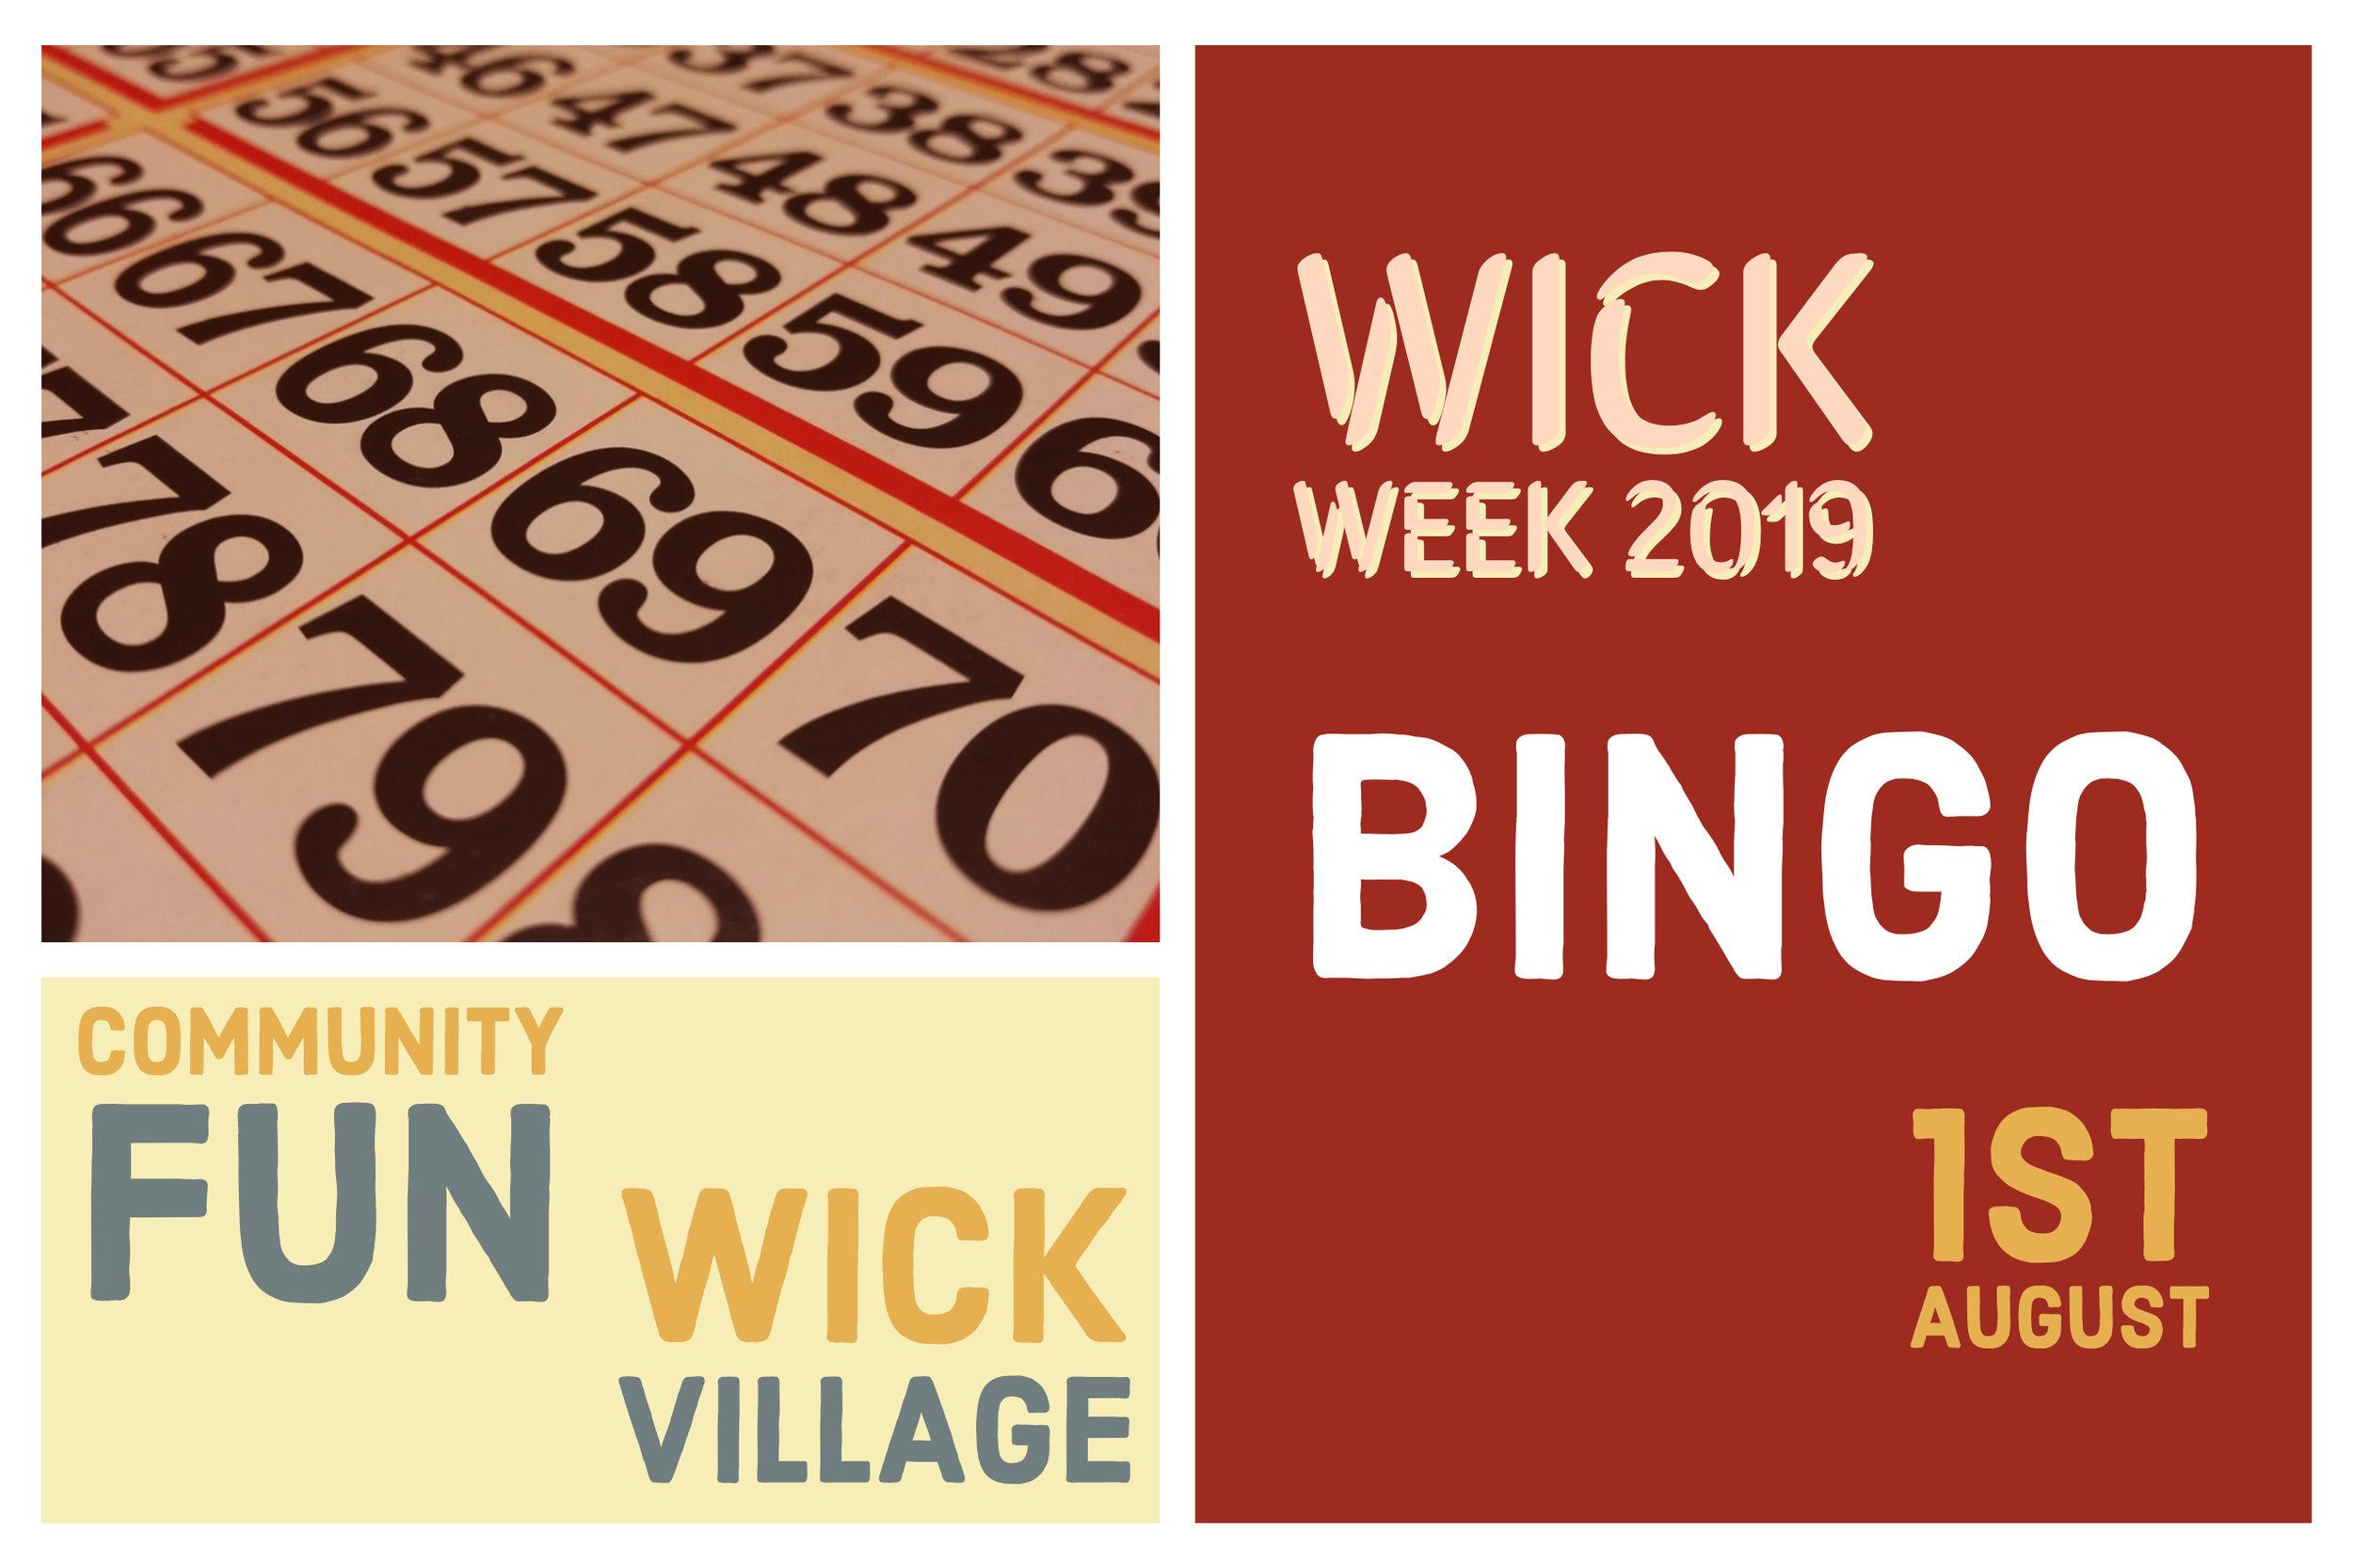 Wick Week 2019 - Bingo